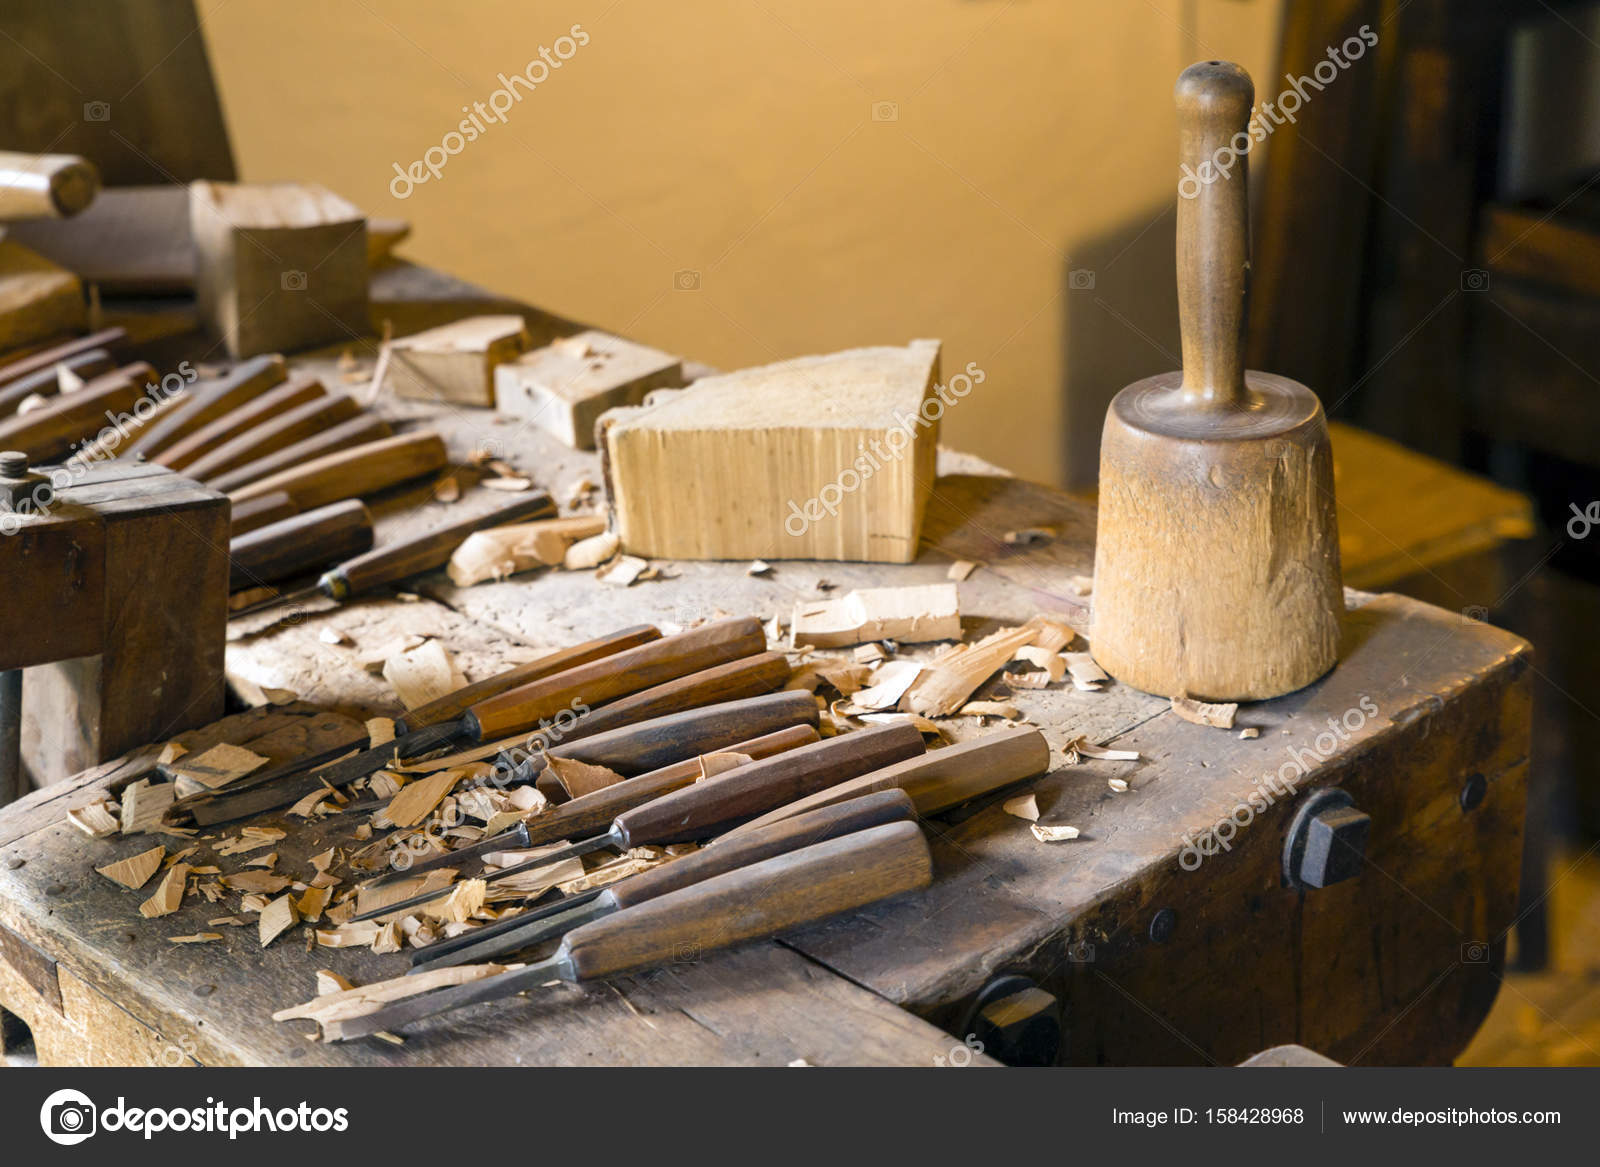 Atelier De Sculpteur Avec Outils De Travail Photographie Arakias